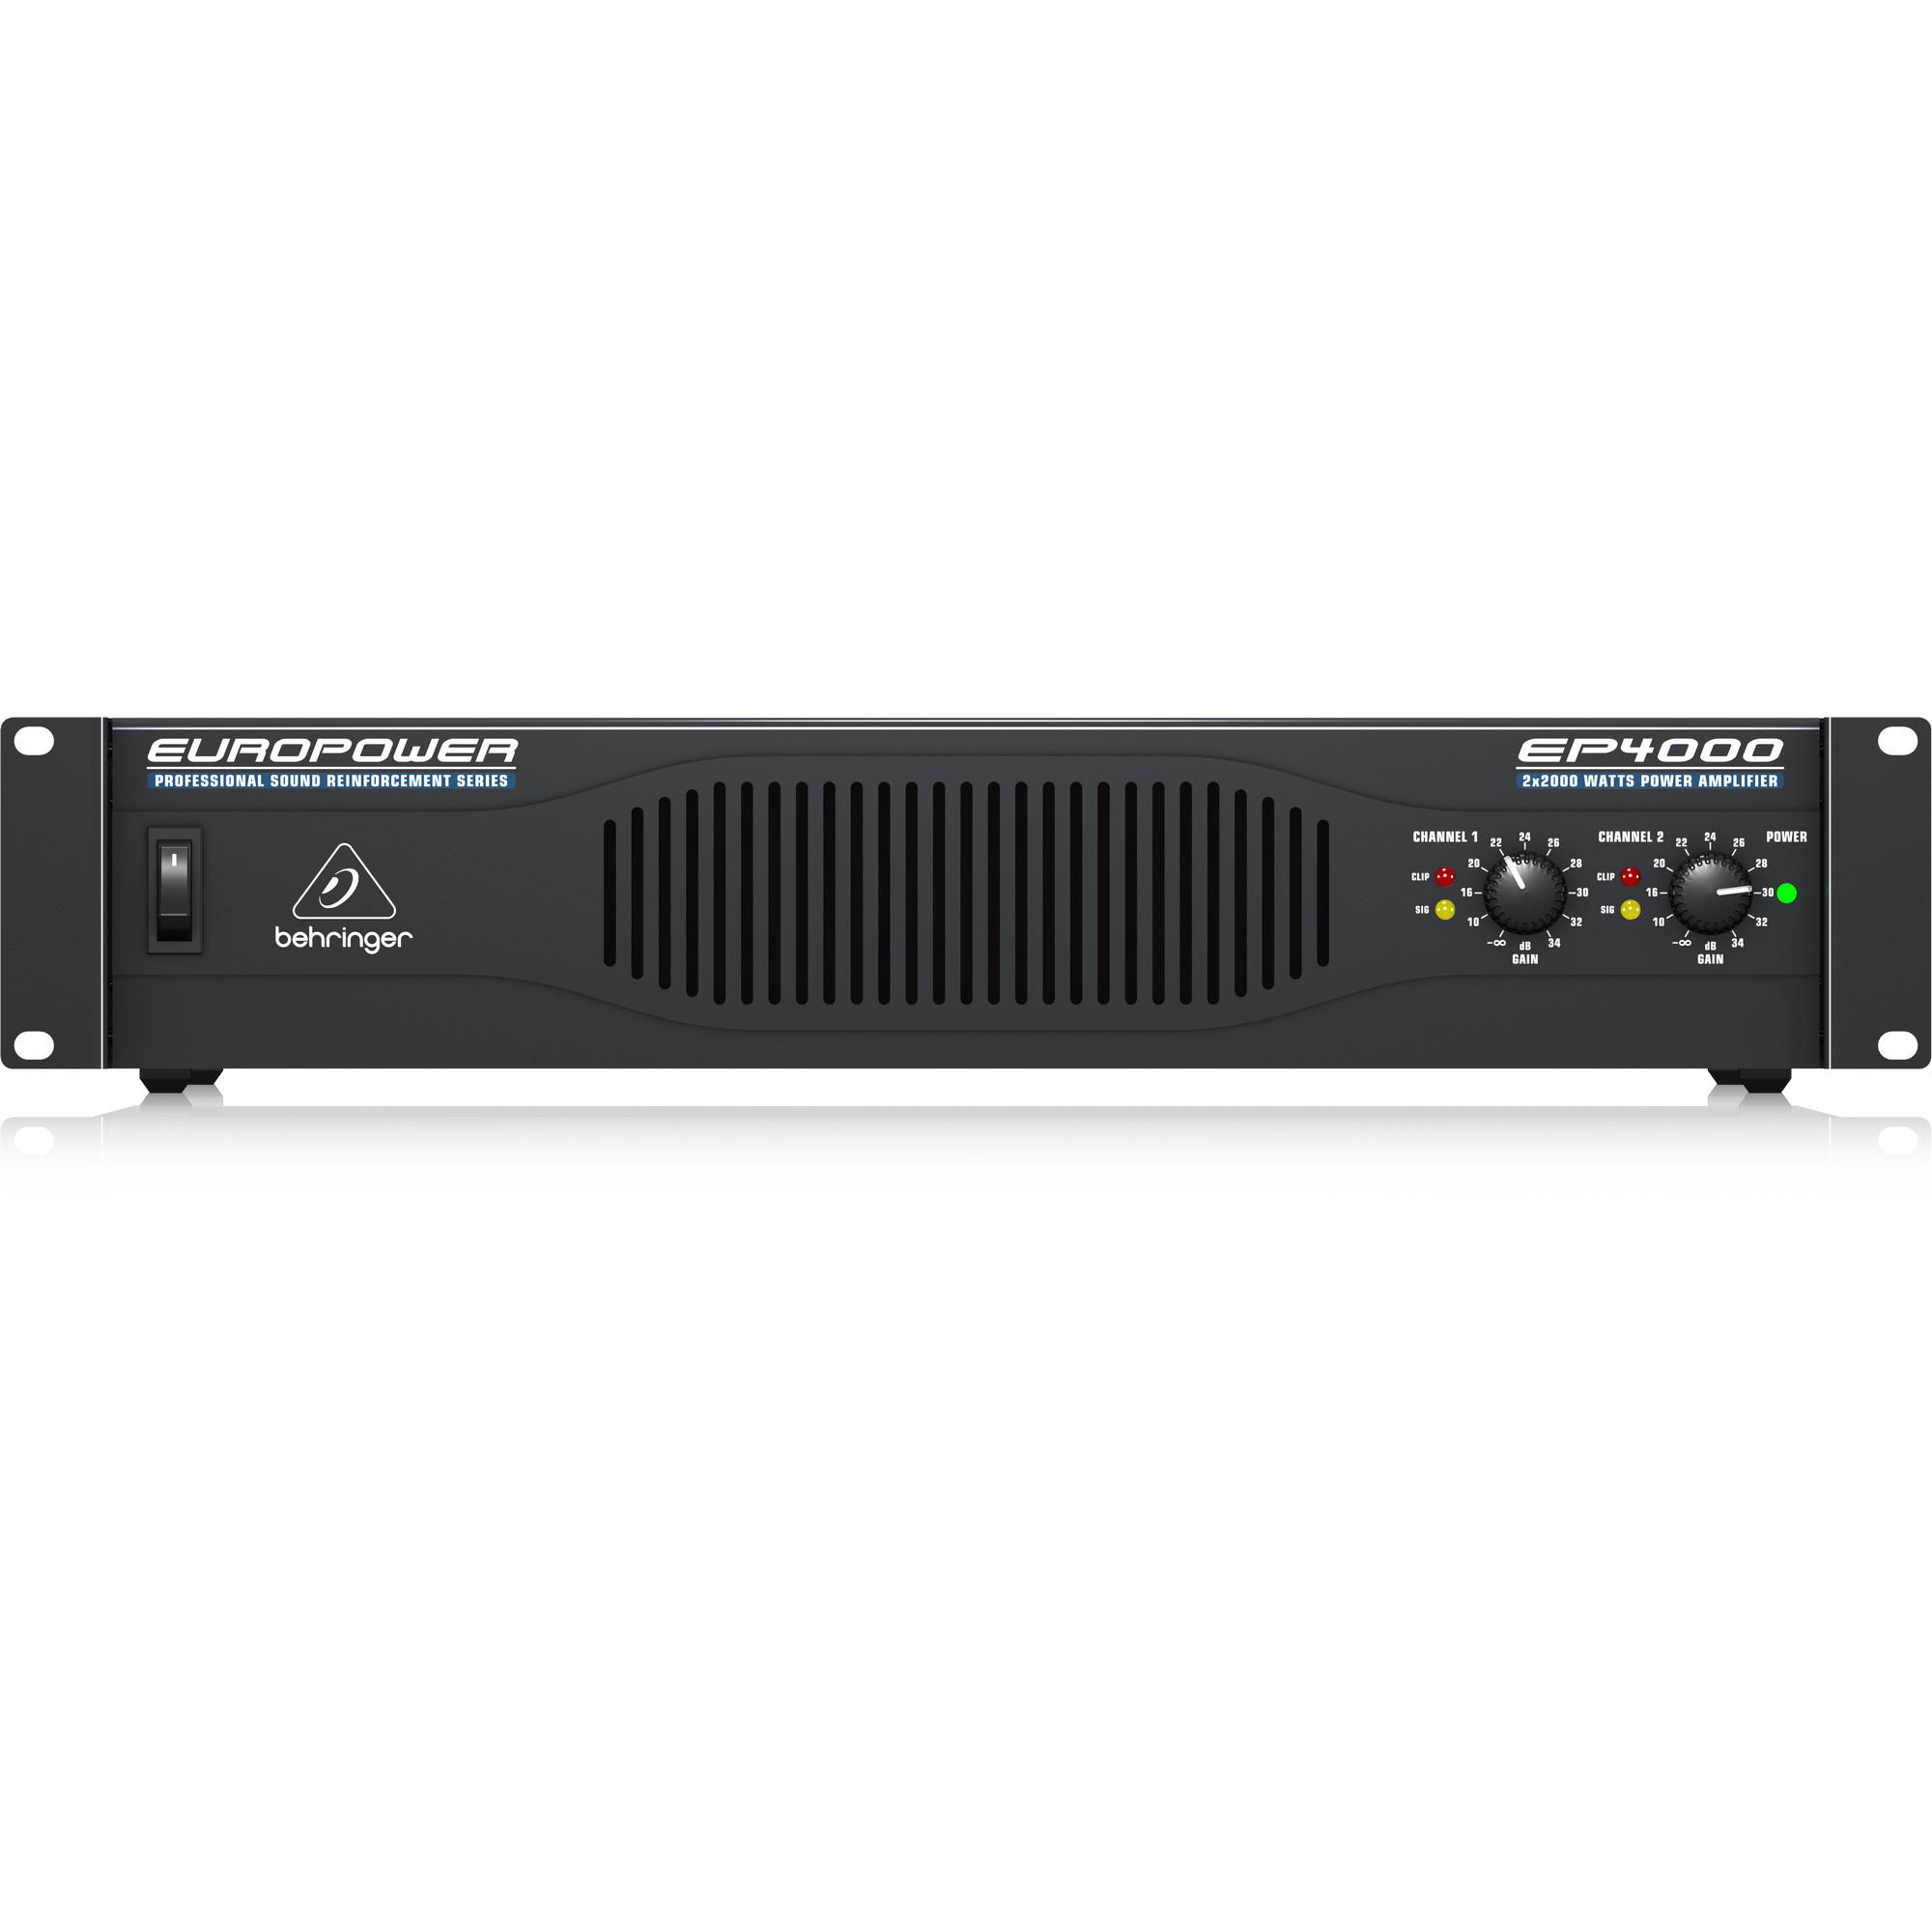 Behringer EUROPOWER EP4000- Power Amplifier-Hàng Chính Hãng